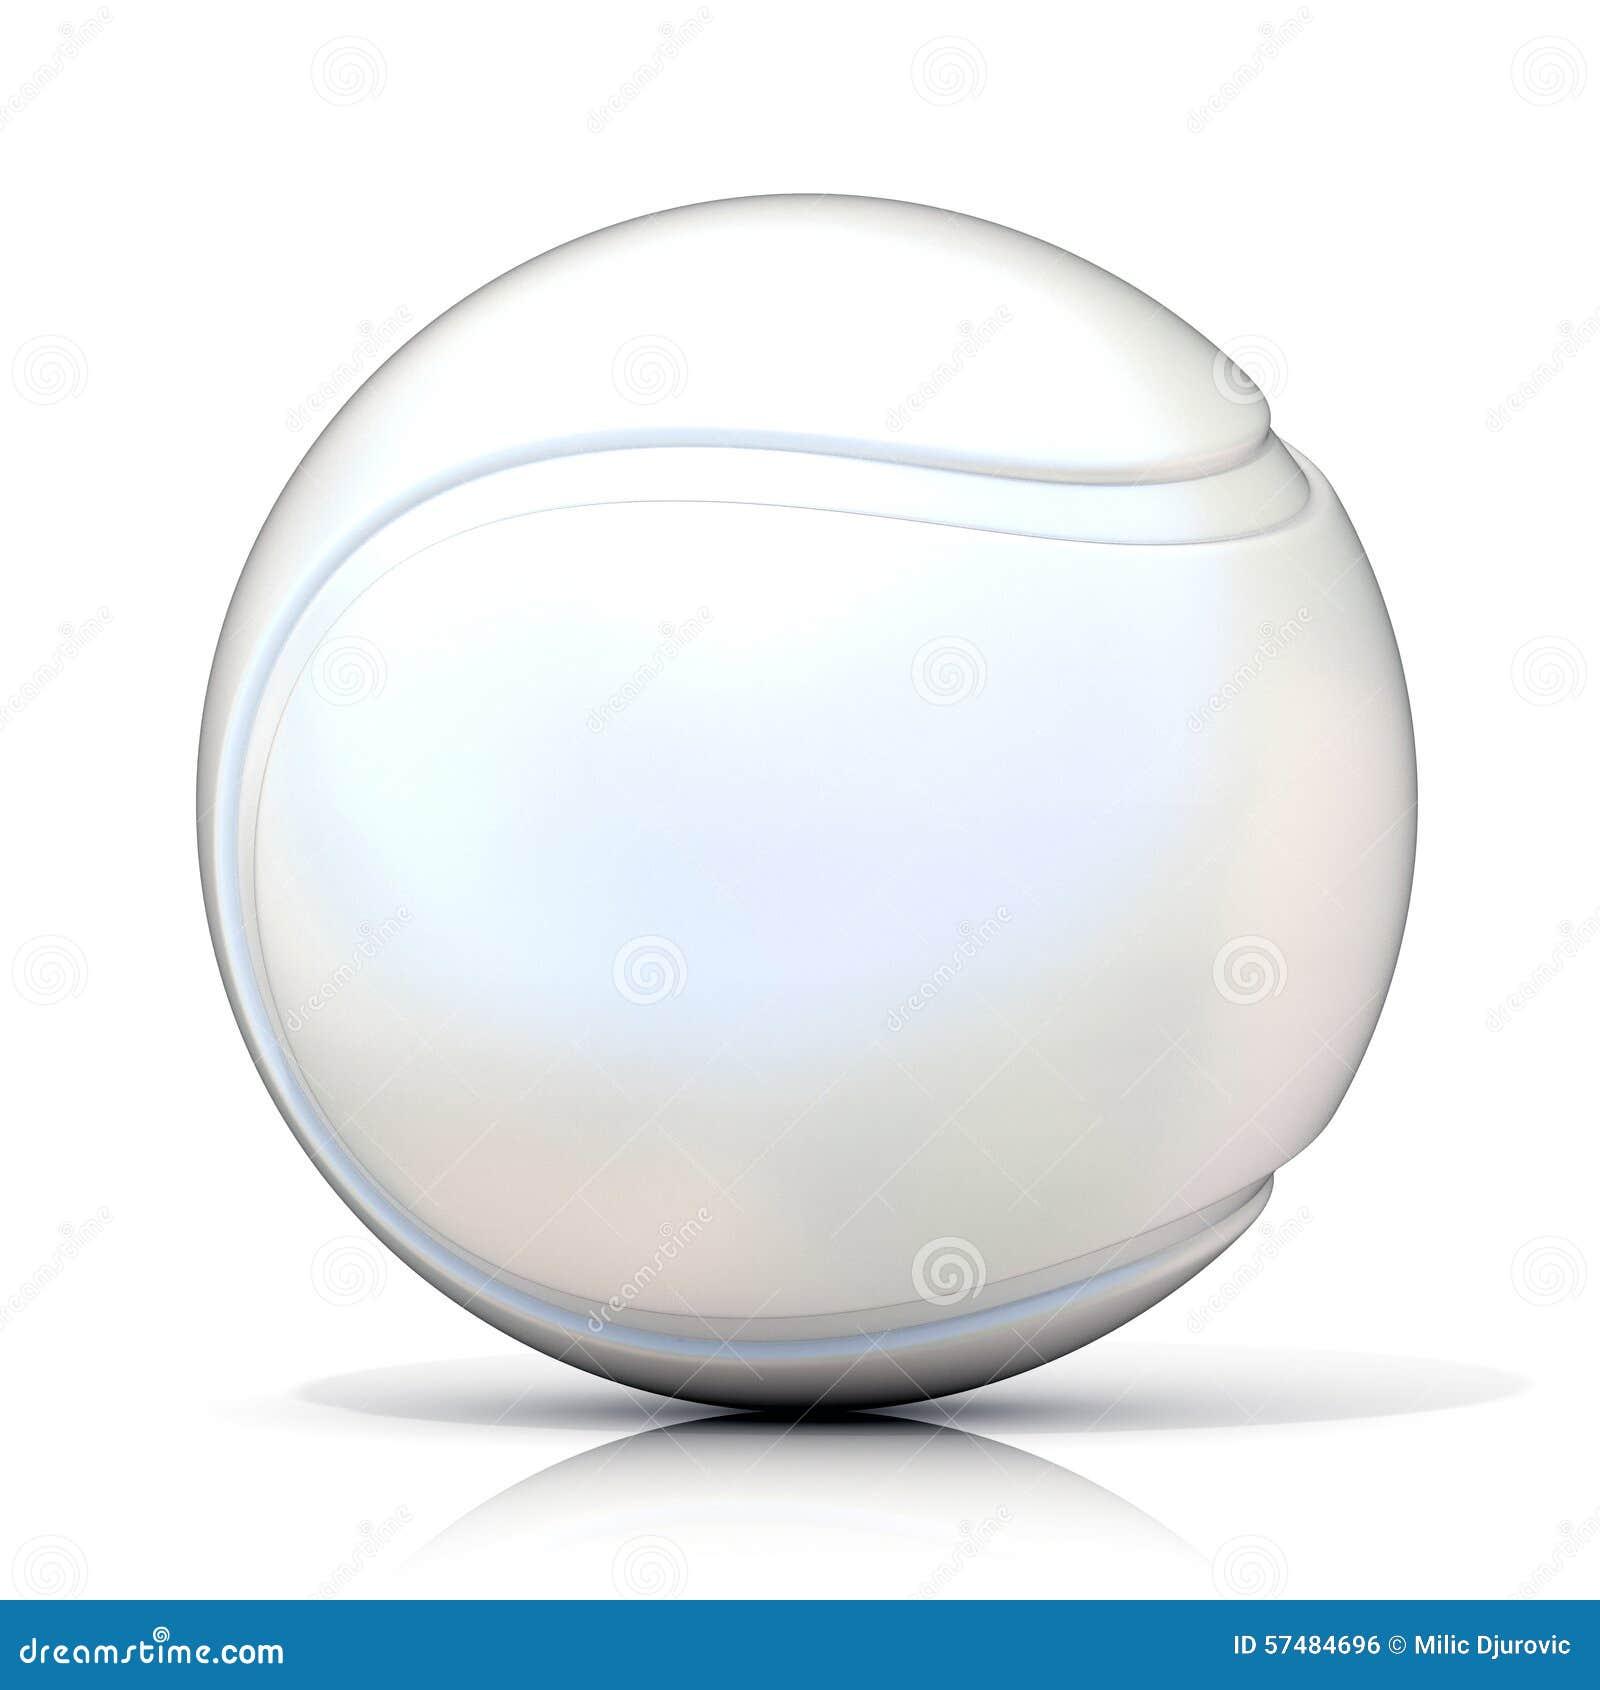 Tenis pelota stock de ilustracion ilustracion libre de stock de - Pelota De Tenis Blanca